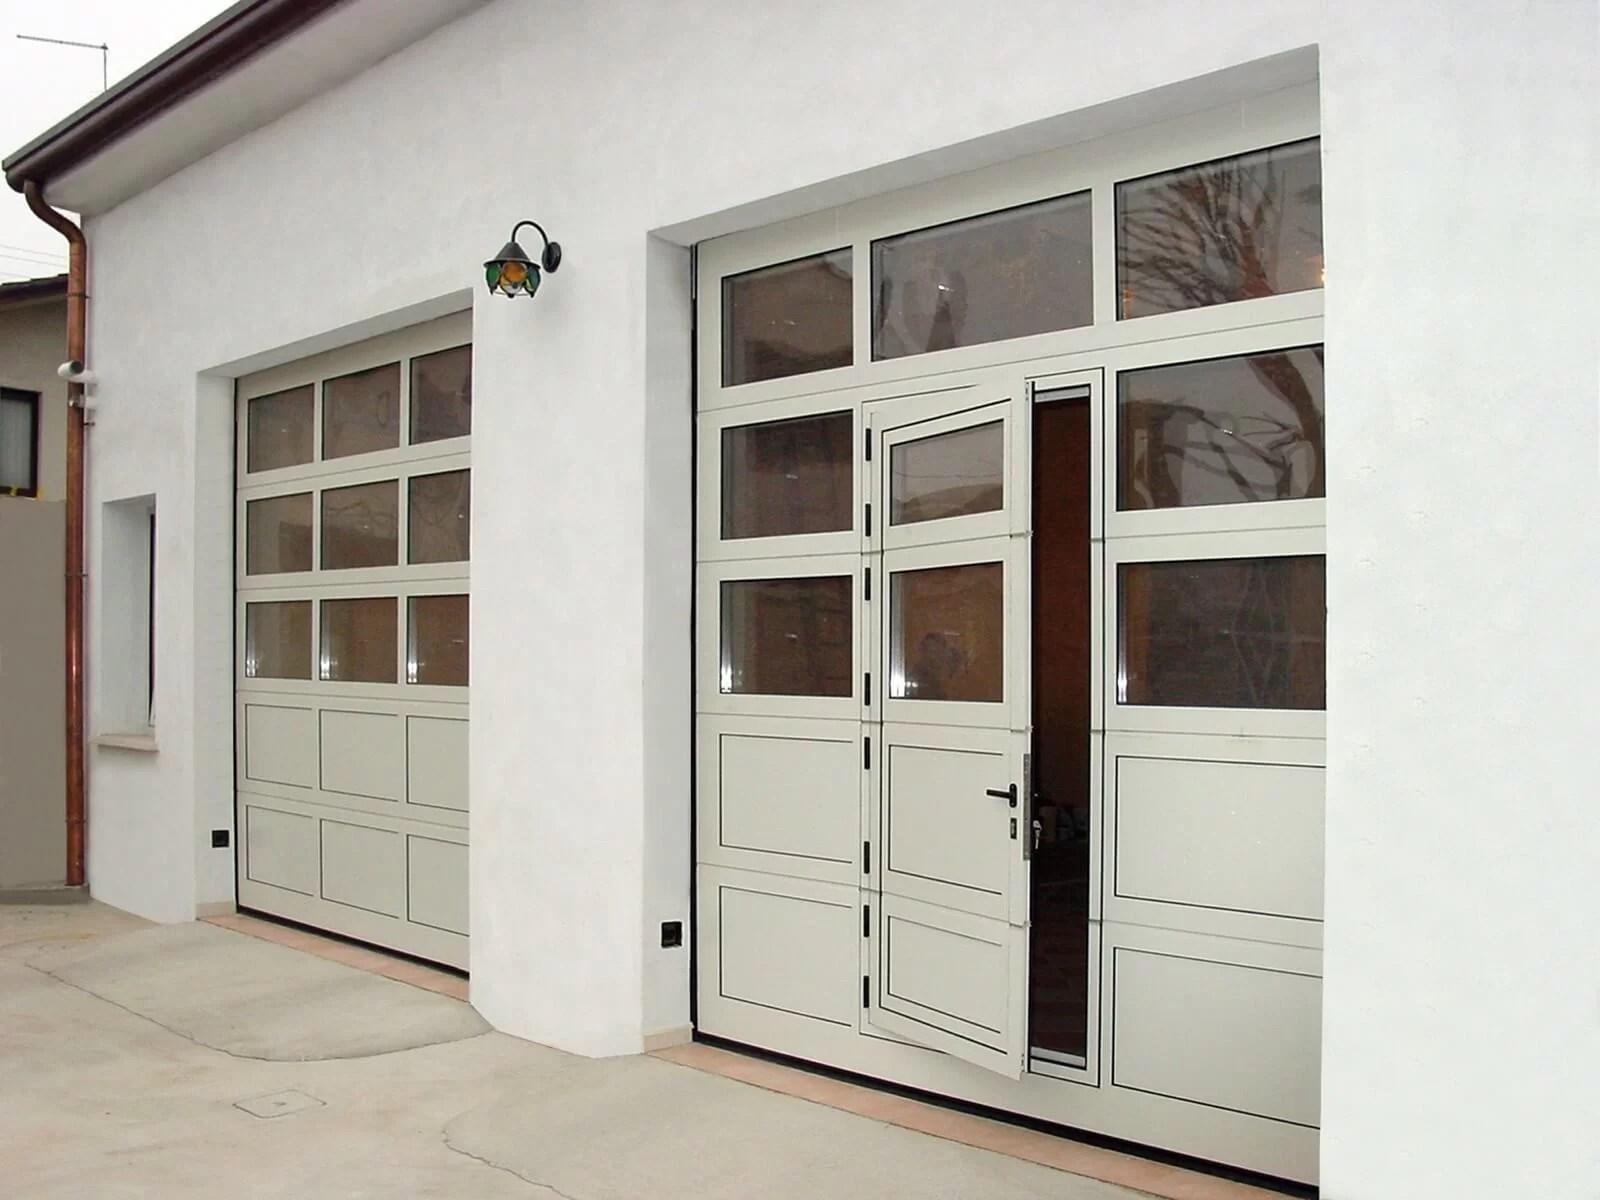 Portone sezionale vetrato LUXOR - Portone Sezionale Breda Luxor porta pedonale